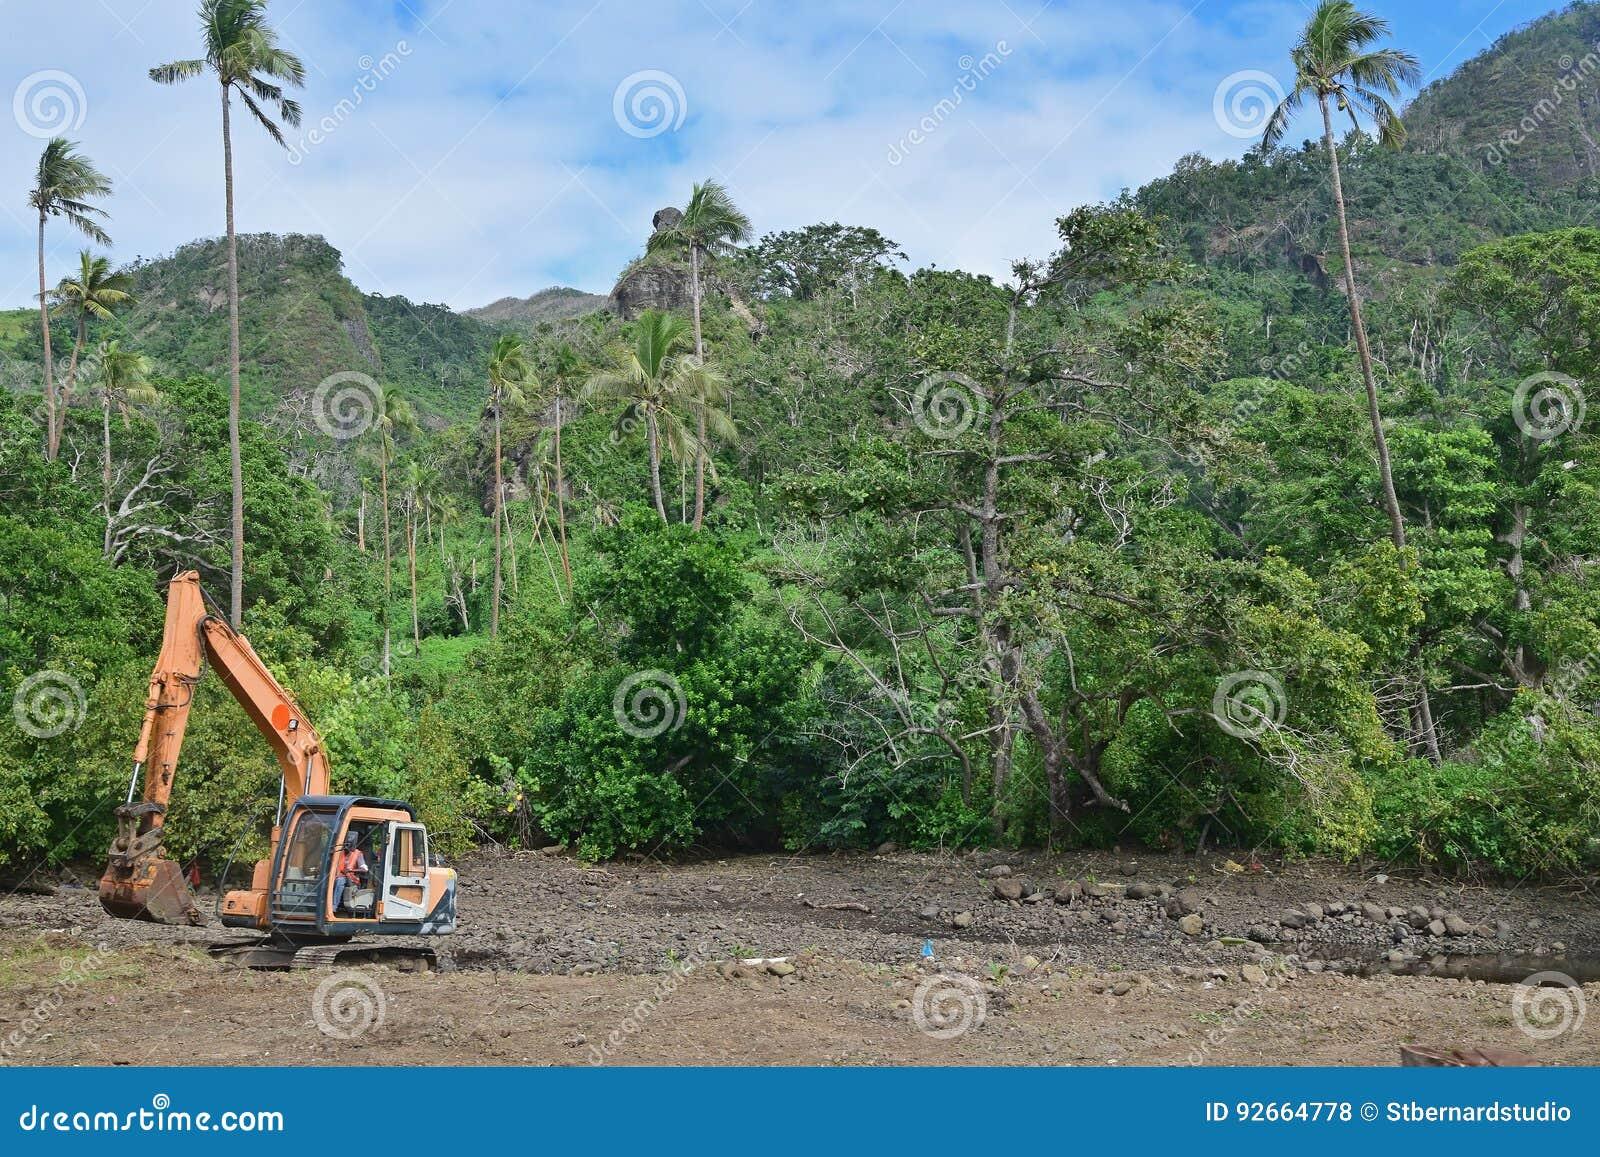 Dégagement de forêt ou étant noté en bas d en raison du développement dans le pays du tiers monde tropical